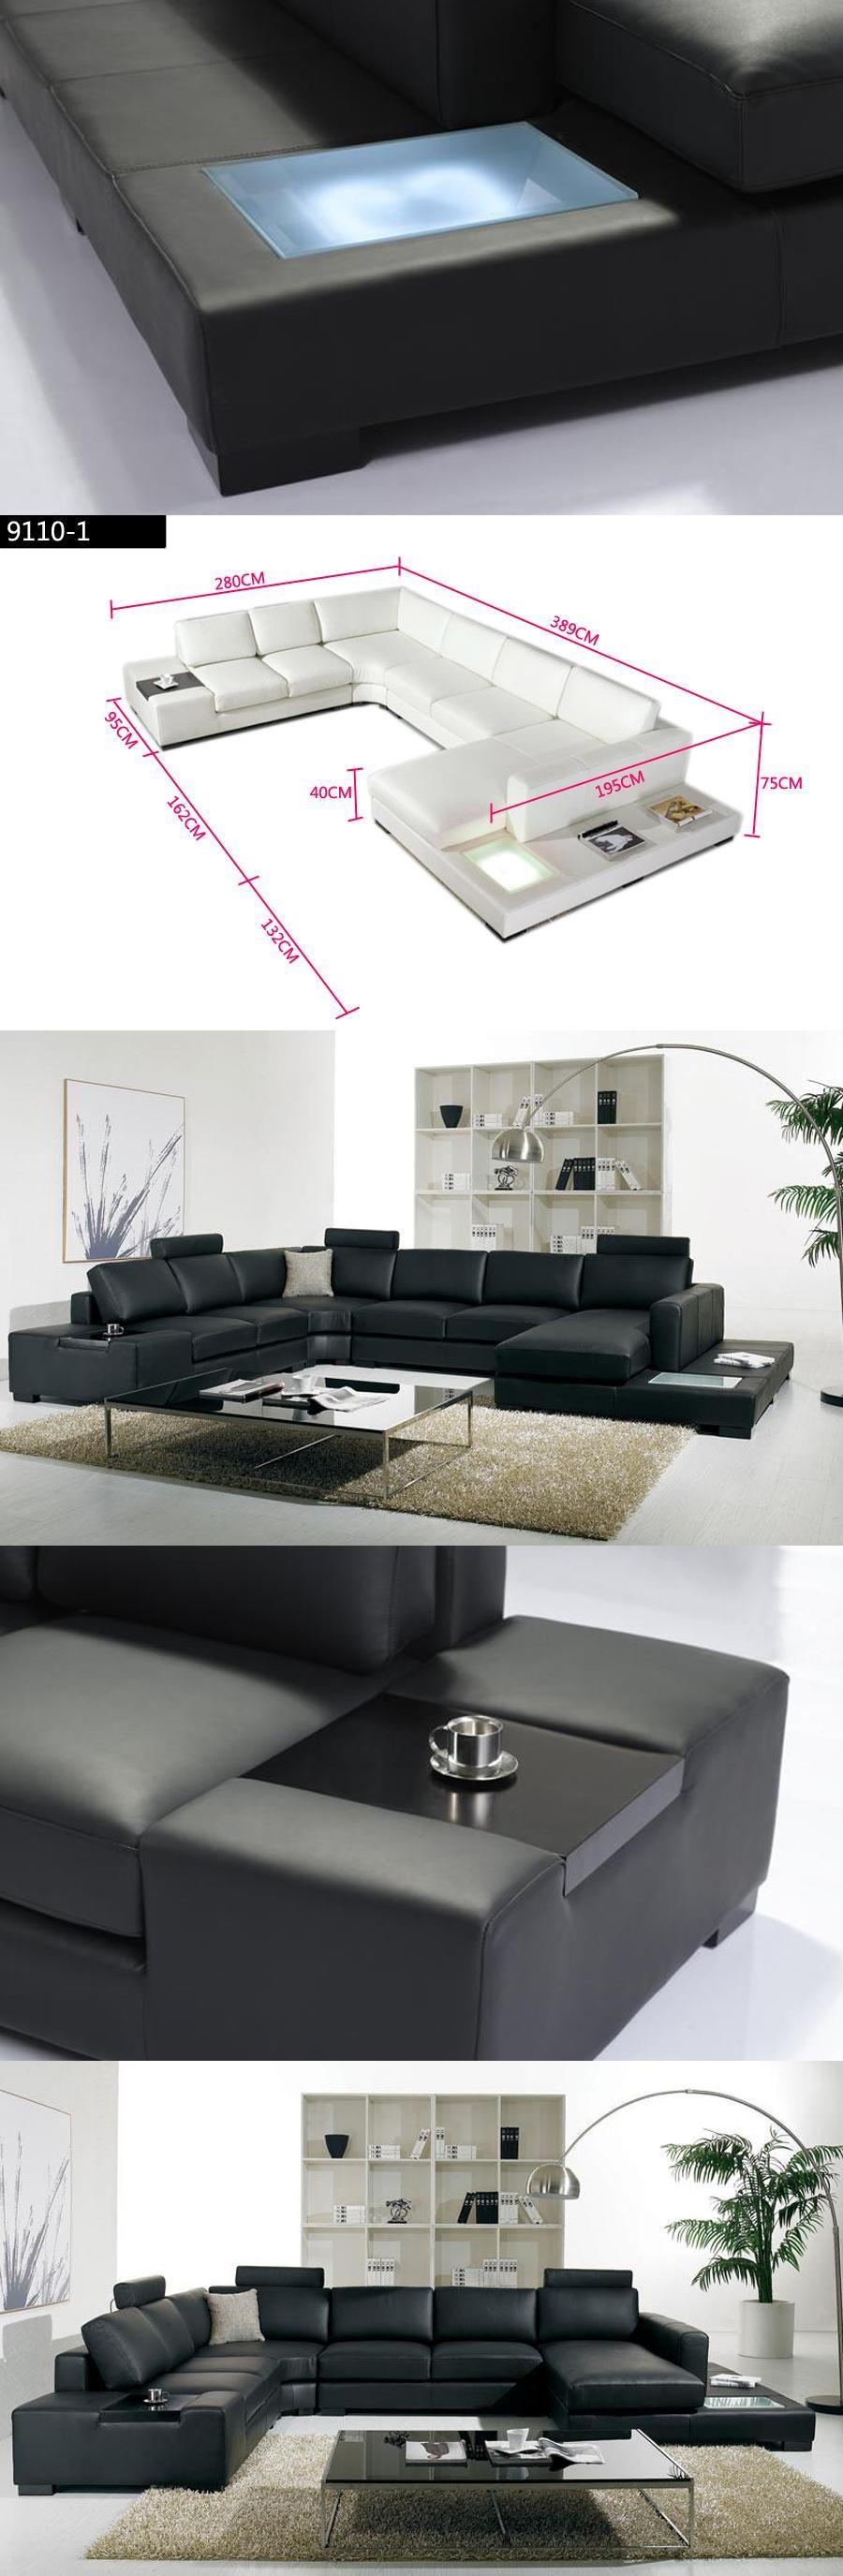 Black Leather Sofa Modern Large Size U Shaped Sofa Set With Light  ~ Black Leather U Shaped Sofa